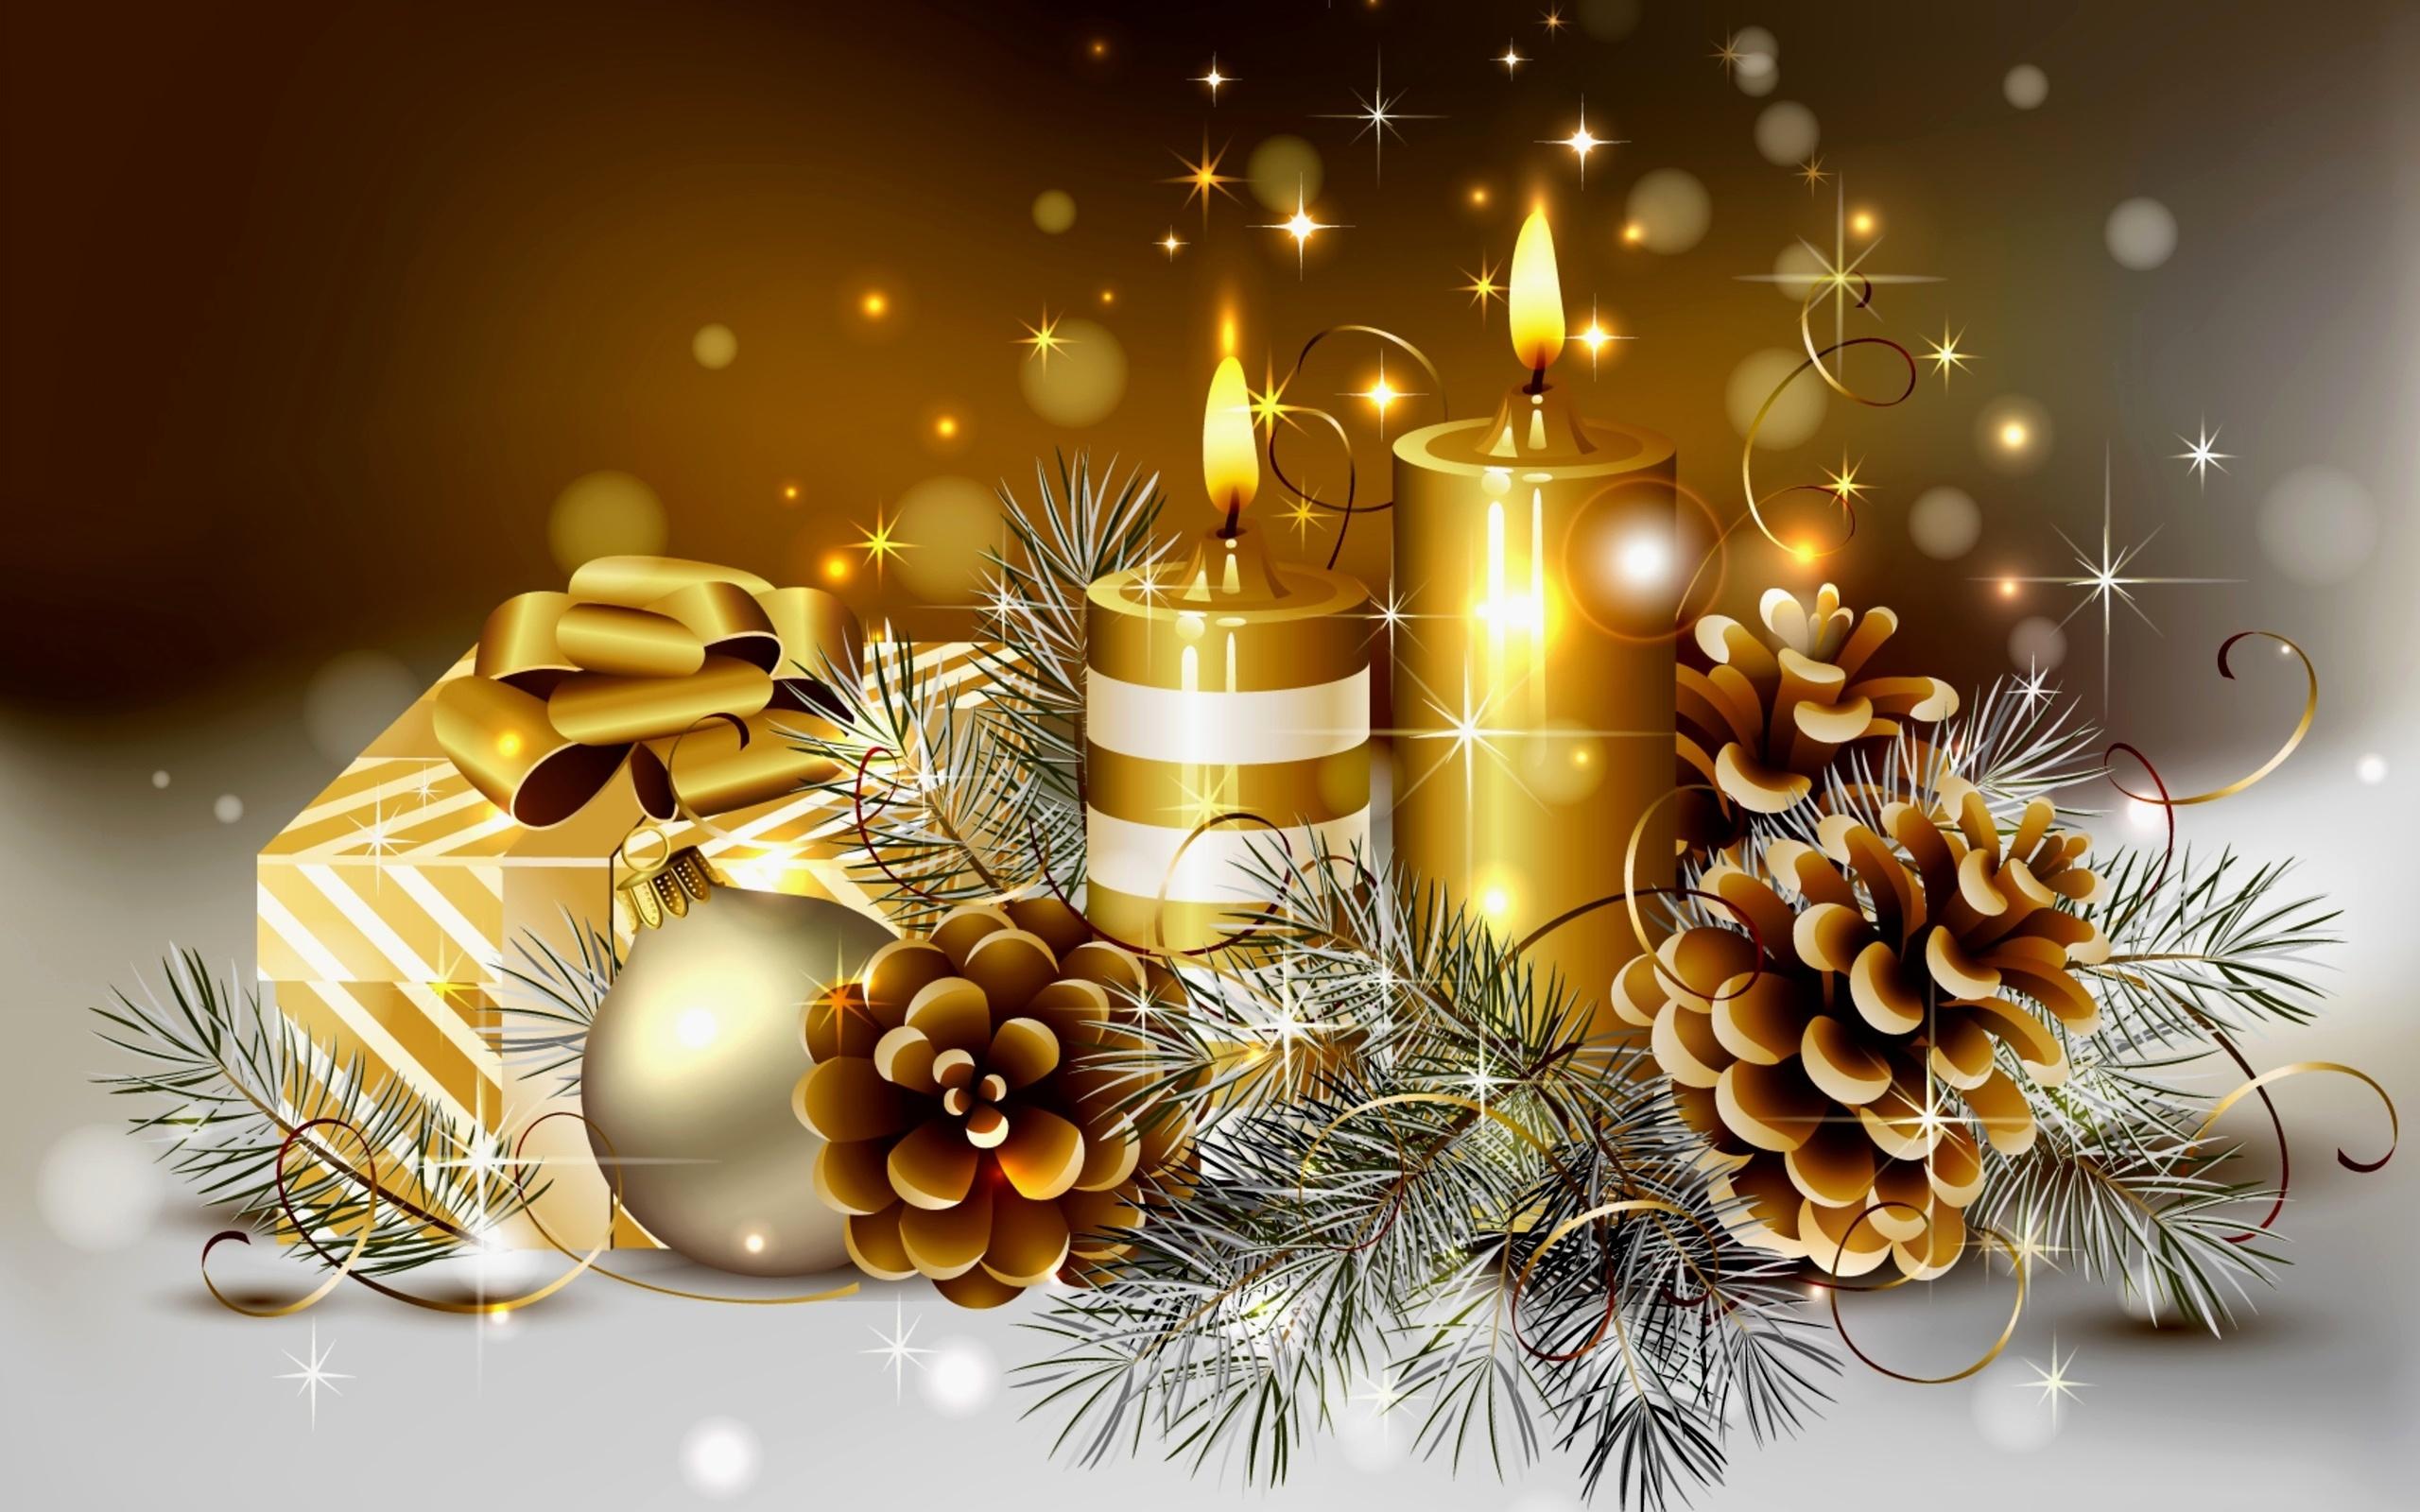 Открытки к новому году и рождеству коллегам, для